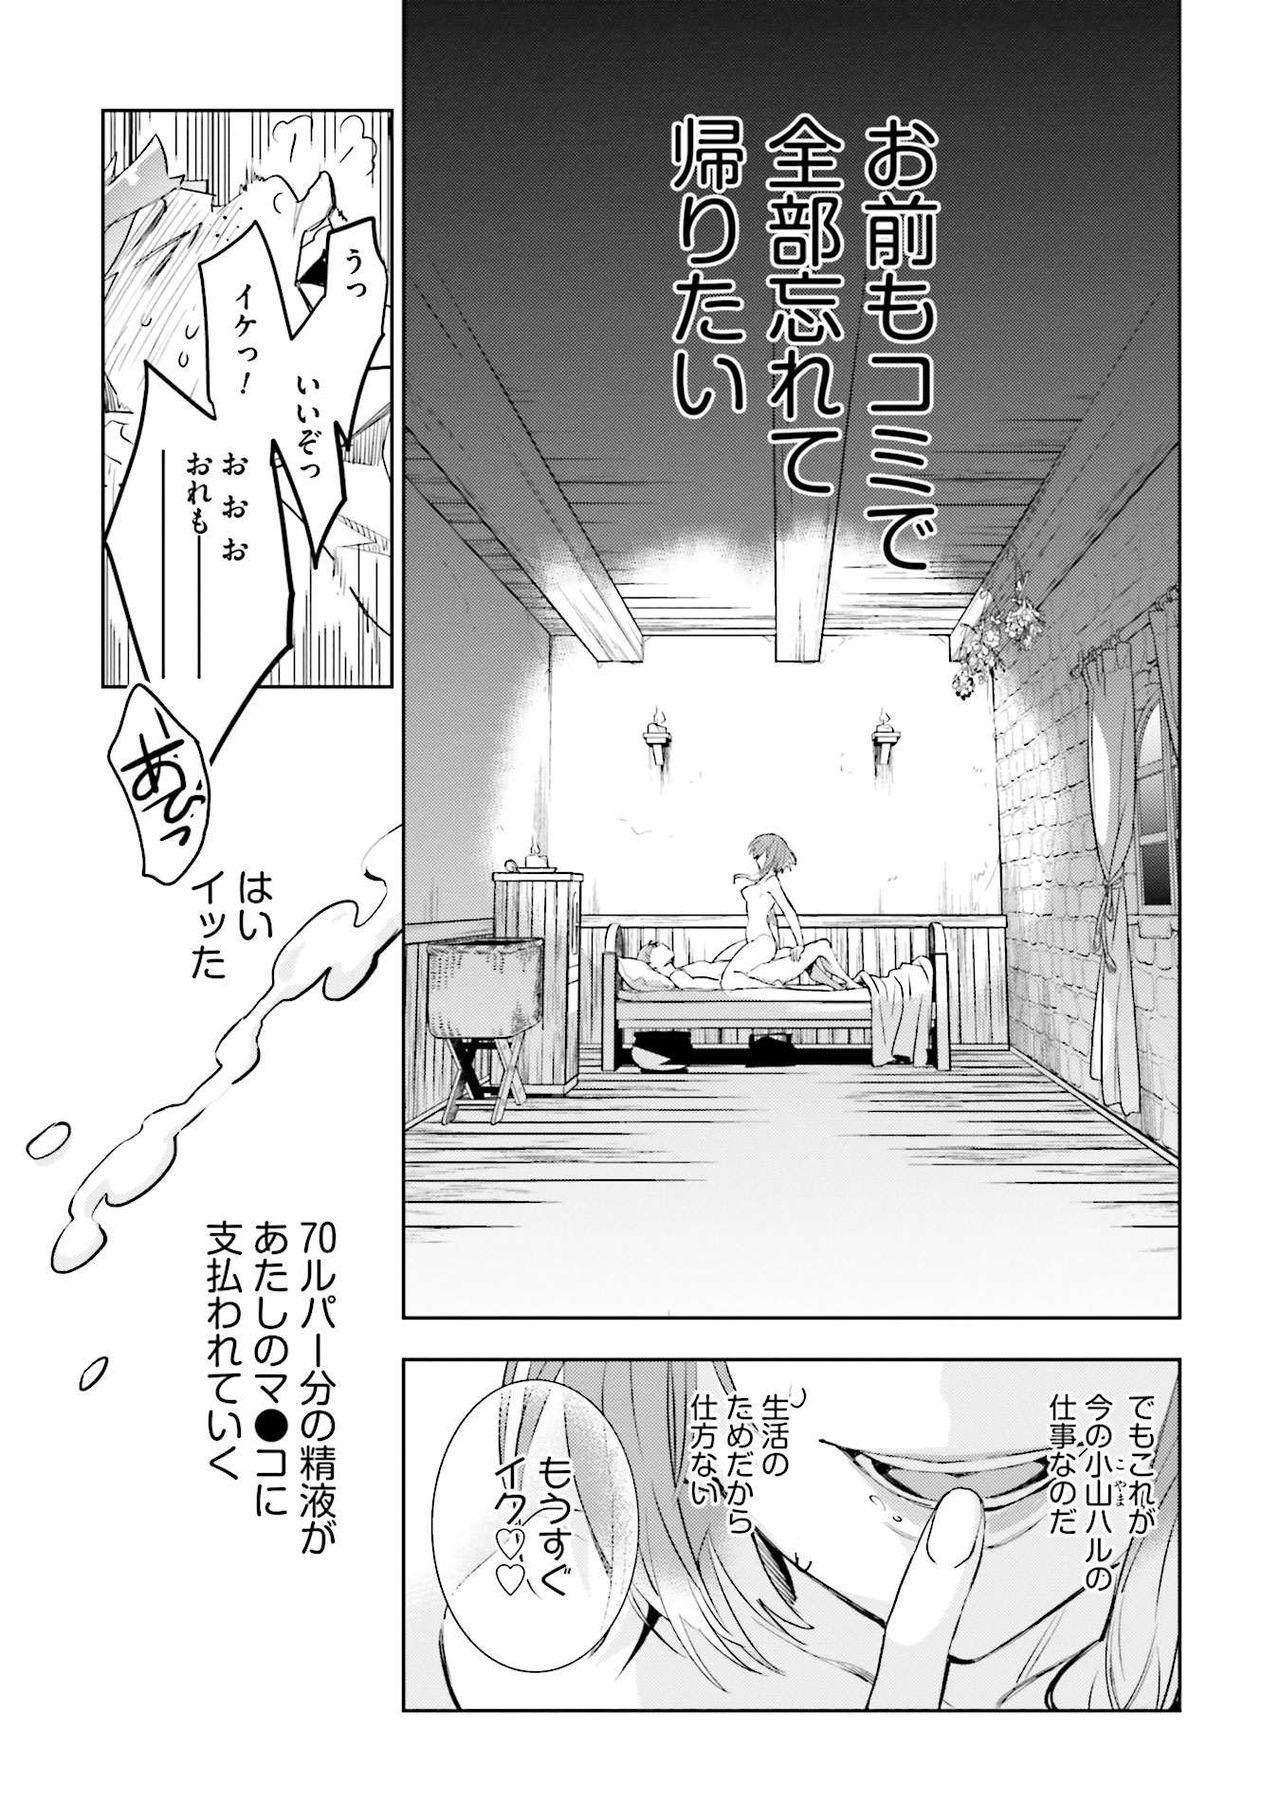 JK Haru wa Isekai de Shoufu ni Natta 1-14 34